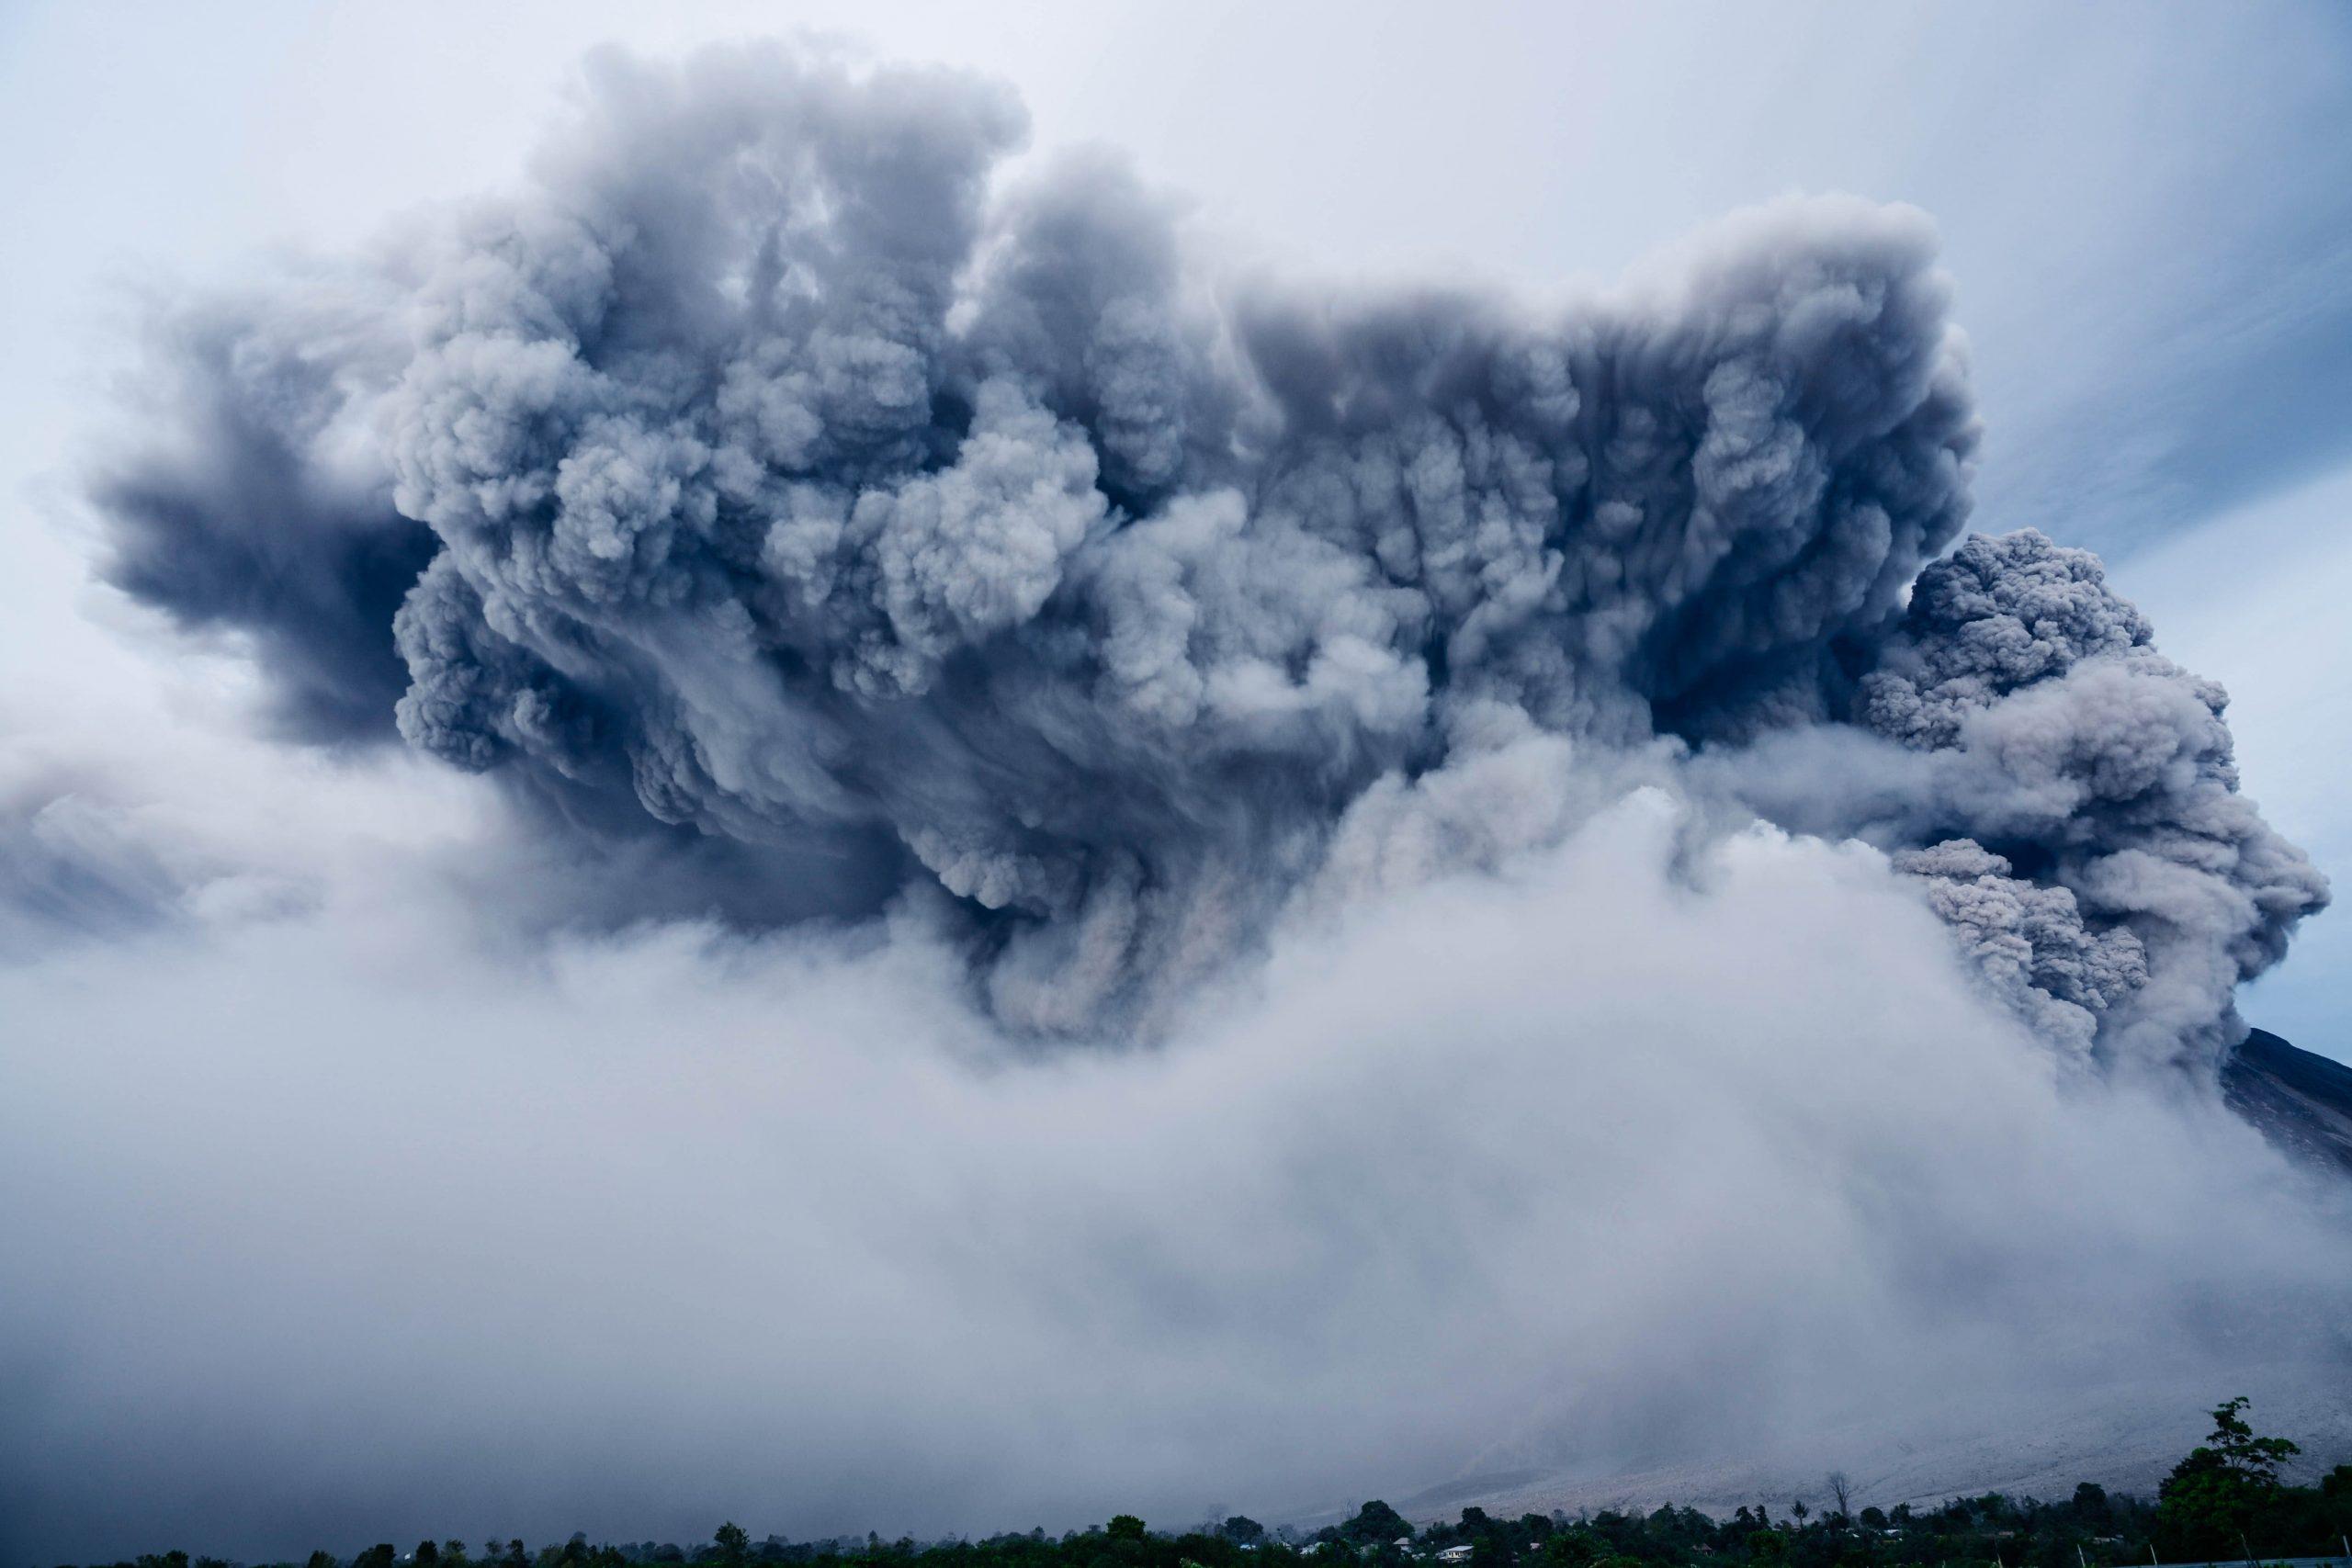 Opfer des Vulkanausbruchs vor Neuseeland im Dezember 2019 haben eine Klage gegen Royal Caribbean angekündigt, der die Ovation of the Seas gehört.